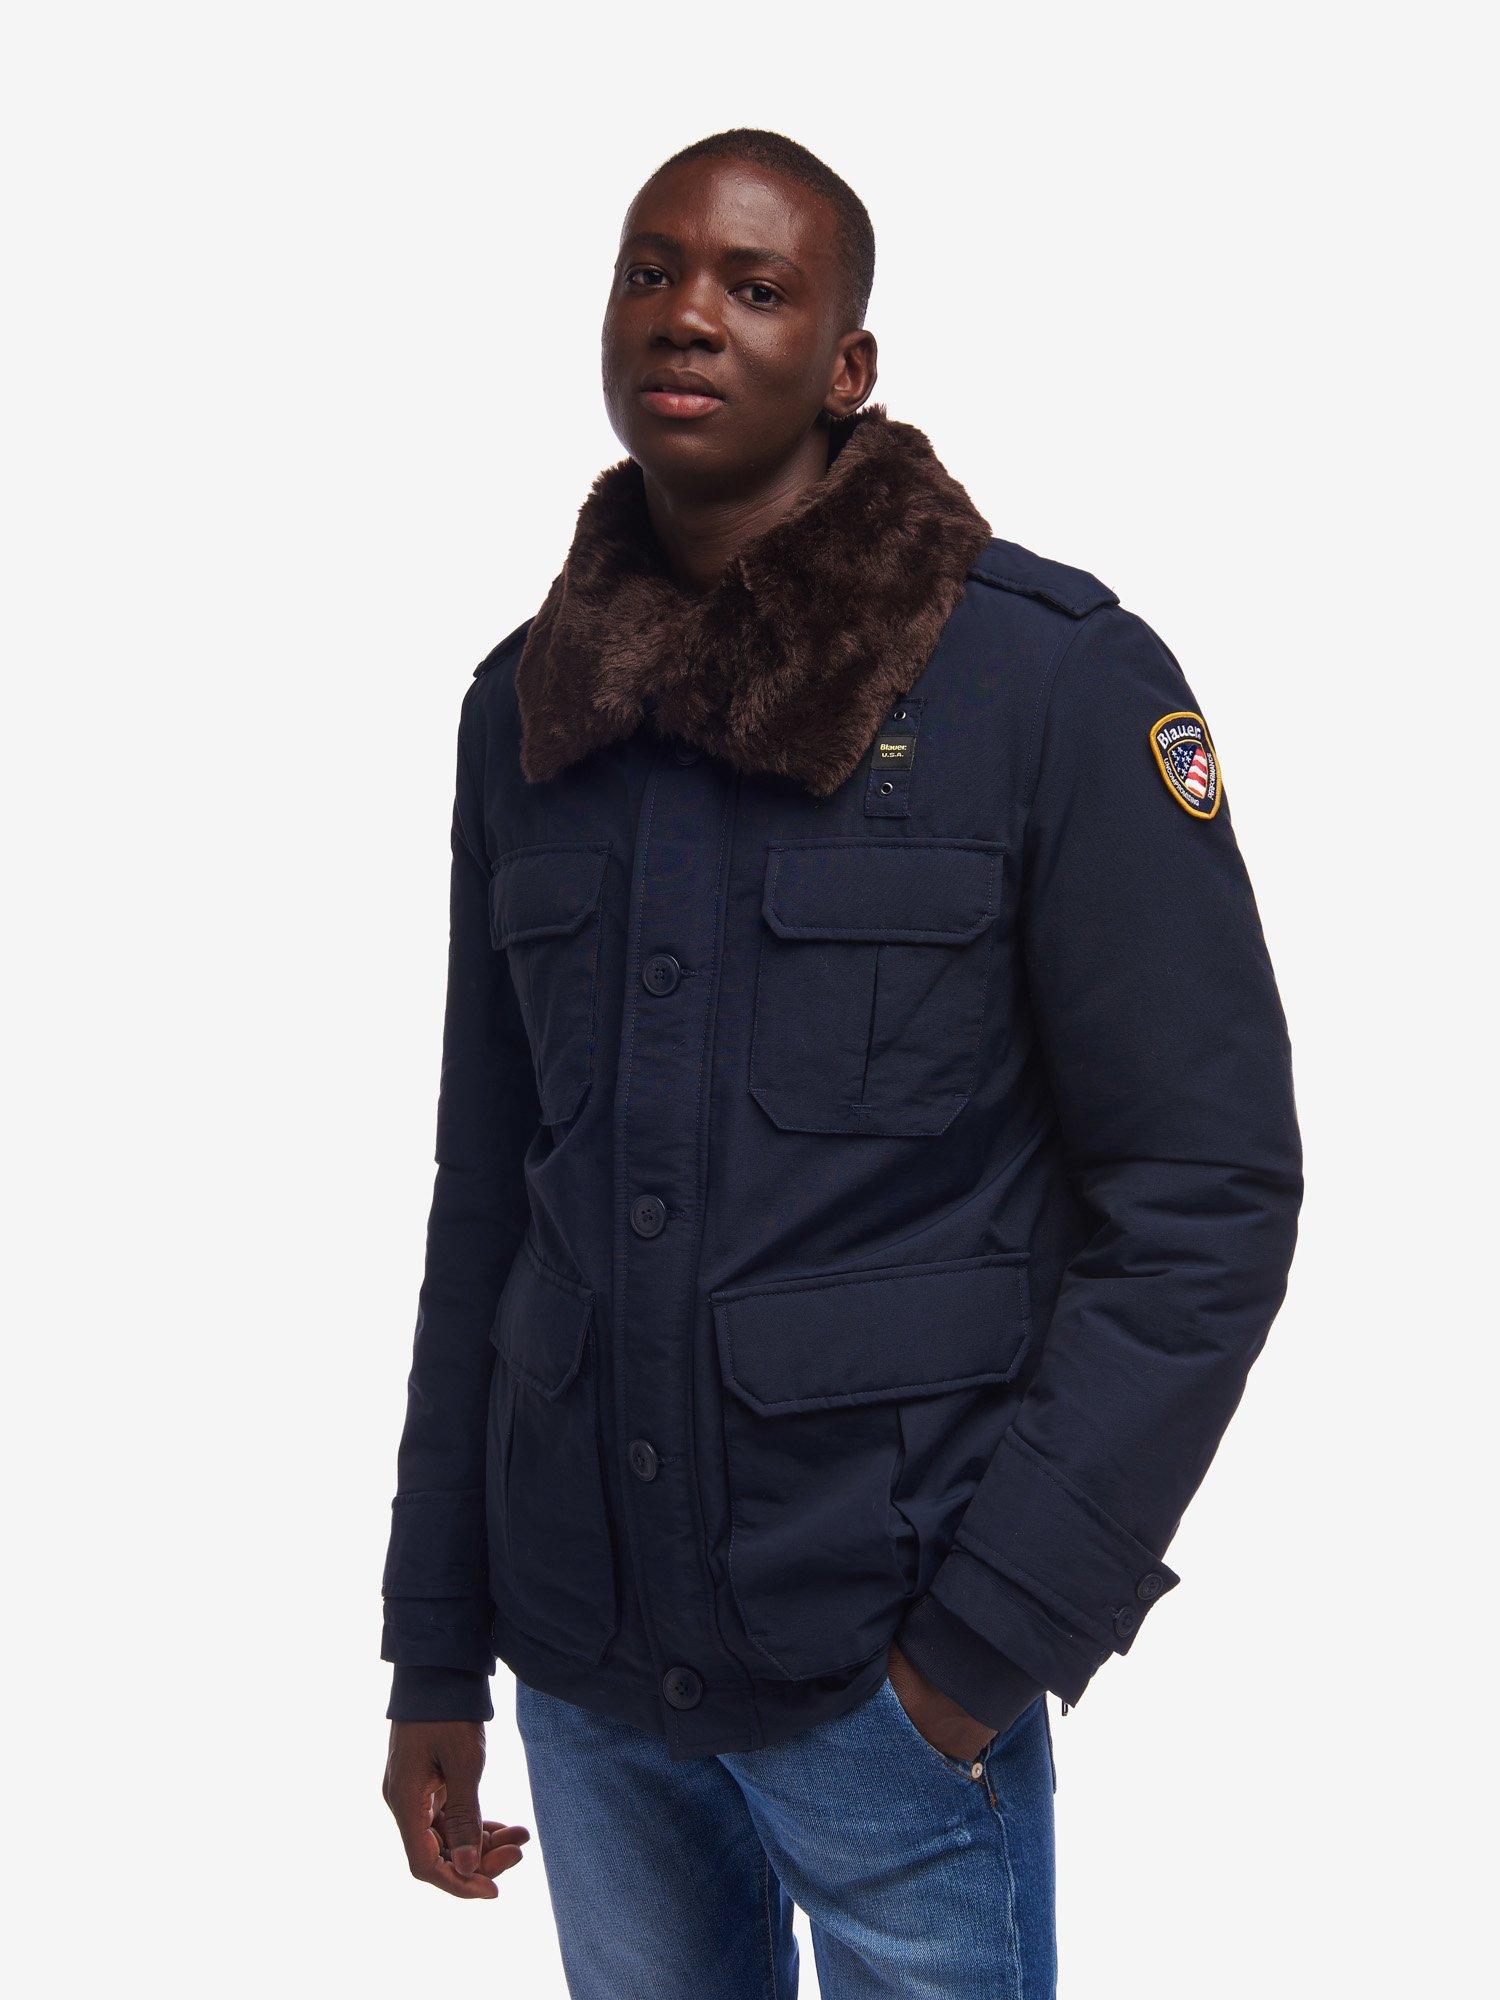 BLOUSON POLICE BLAUER MURREY - Blauer